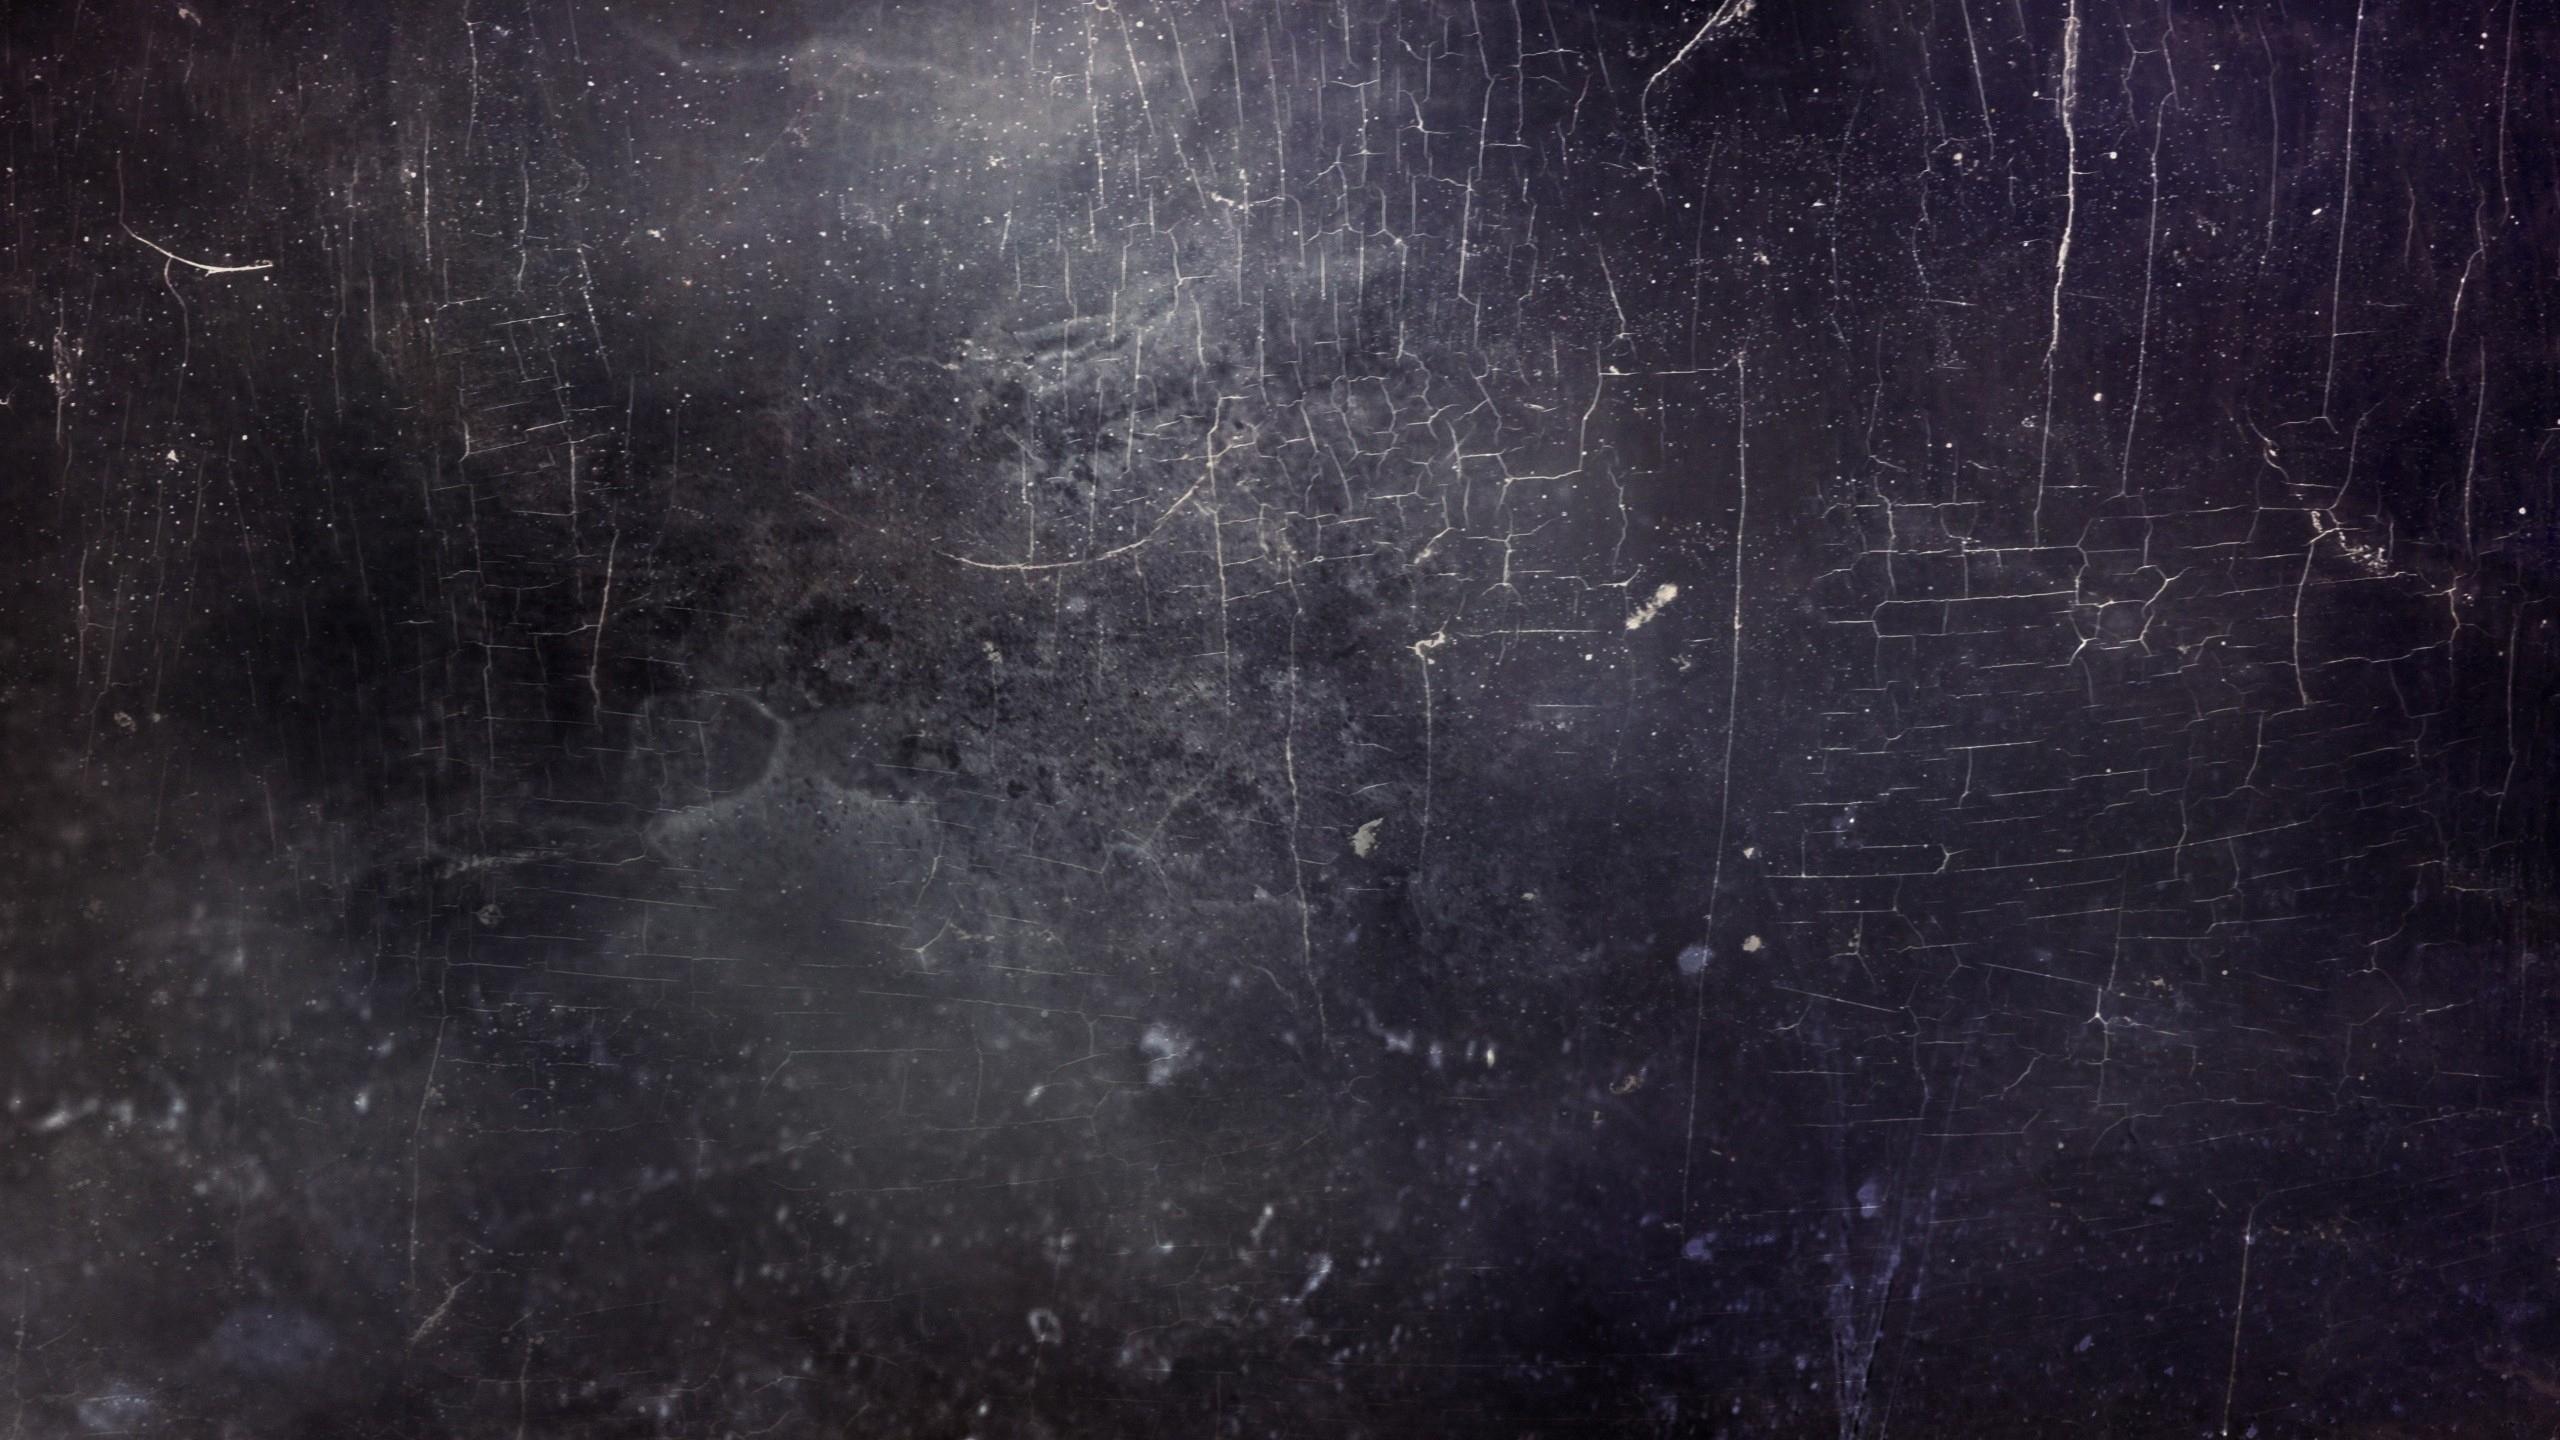 2560x1440 Wallpaper surface cracks background spot 2560x1440